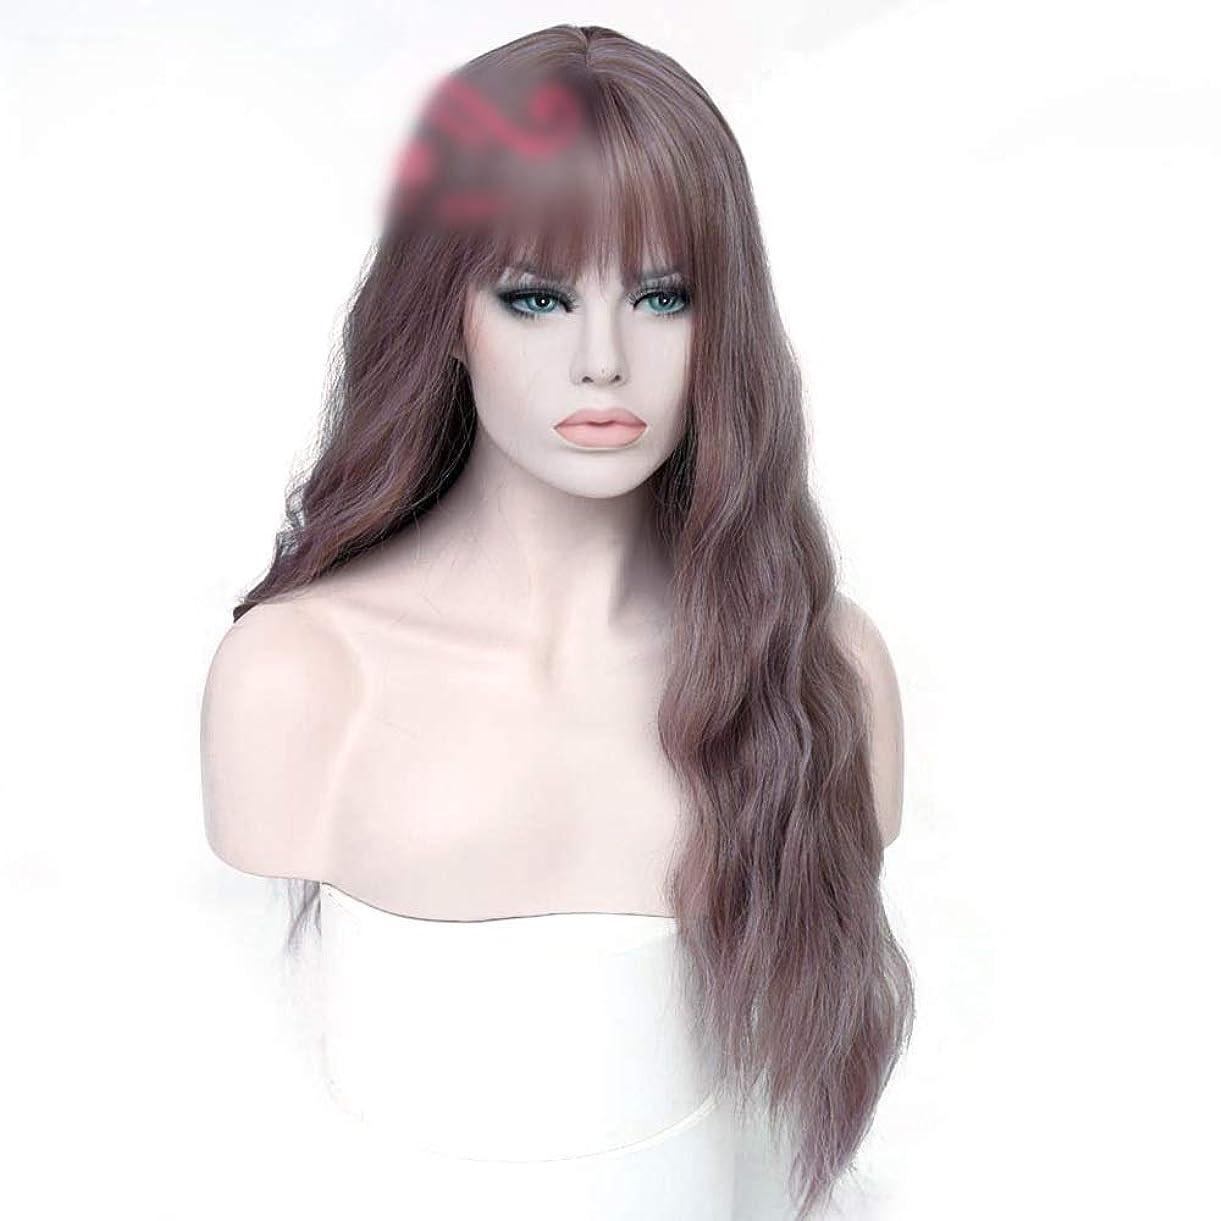 反発人間避けるWASAIO 毎日のヘアバンの女性の長い巻き毛 (色 : Photo color)